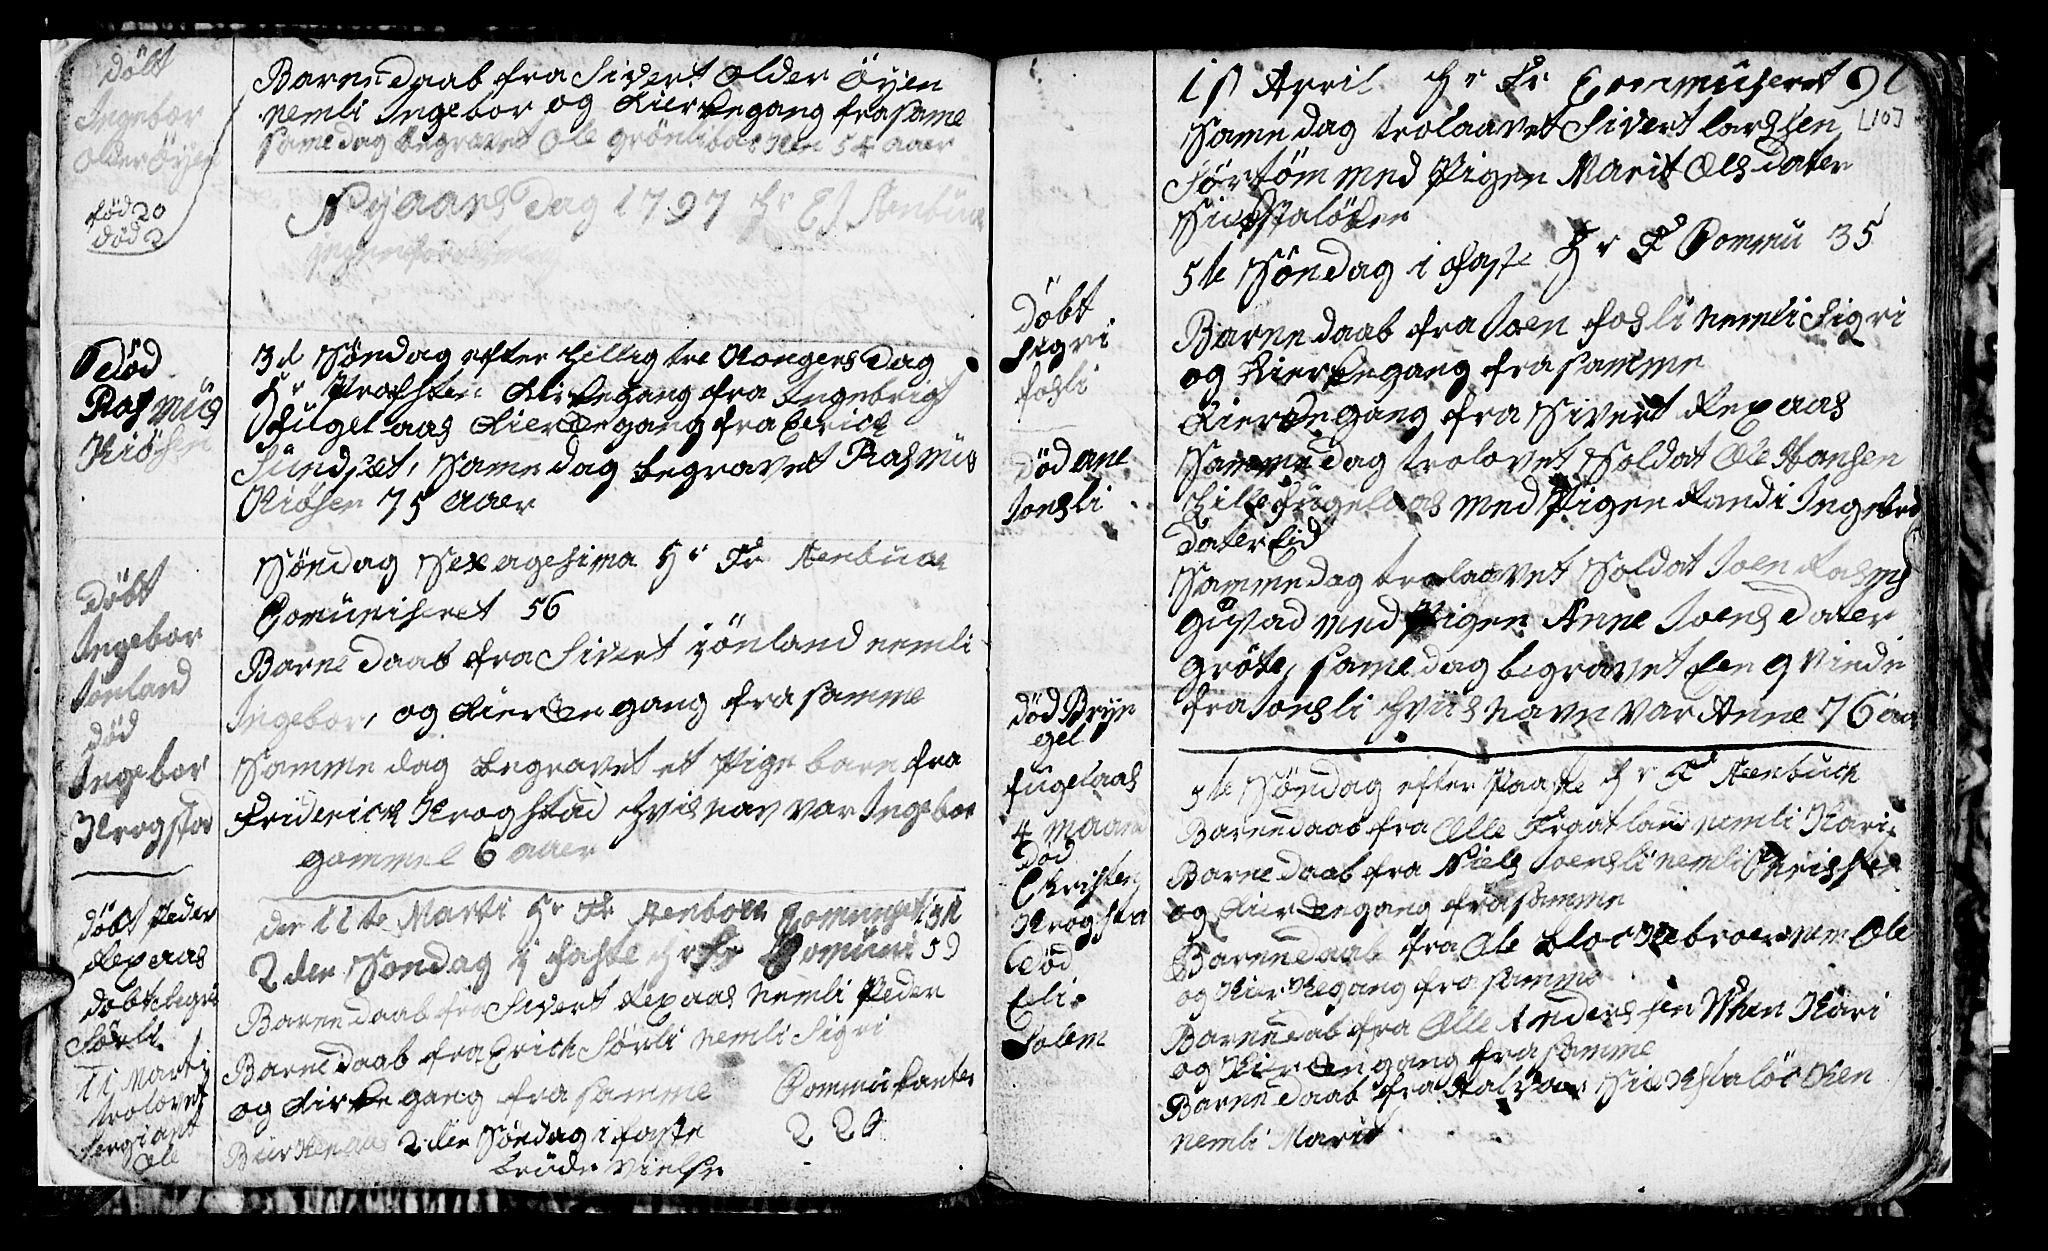 SAT, Ministerialprotokoller, klokkerbøker og fødselsregistre - Sør-Trøndelag, 694/L1129: Klokkerbok nr. 694C01, 1793-1815, s. 10